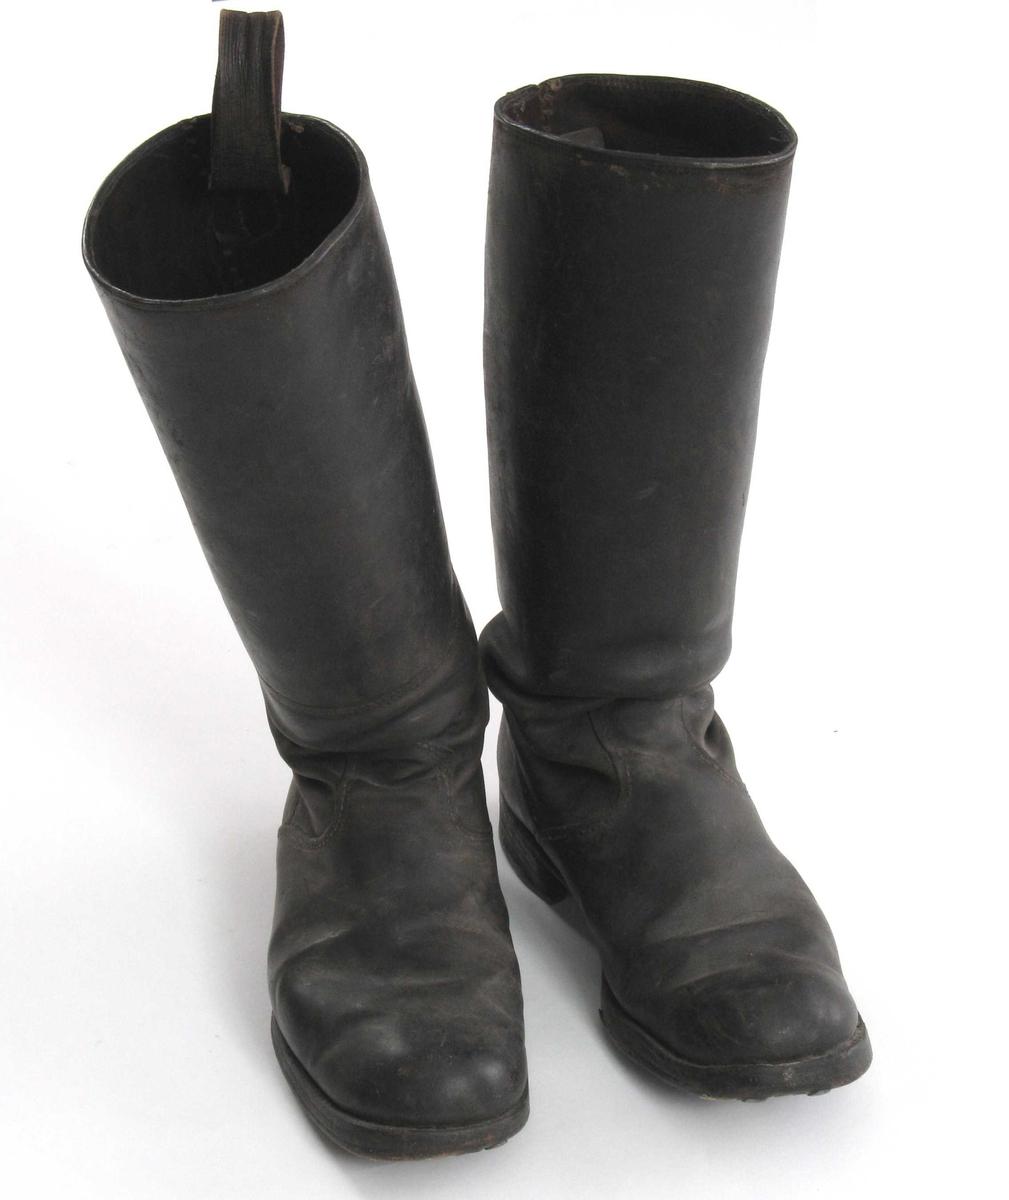 Lærstøvler med høyt skaft. Beslag av jern under hælen.